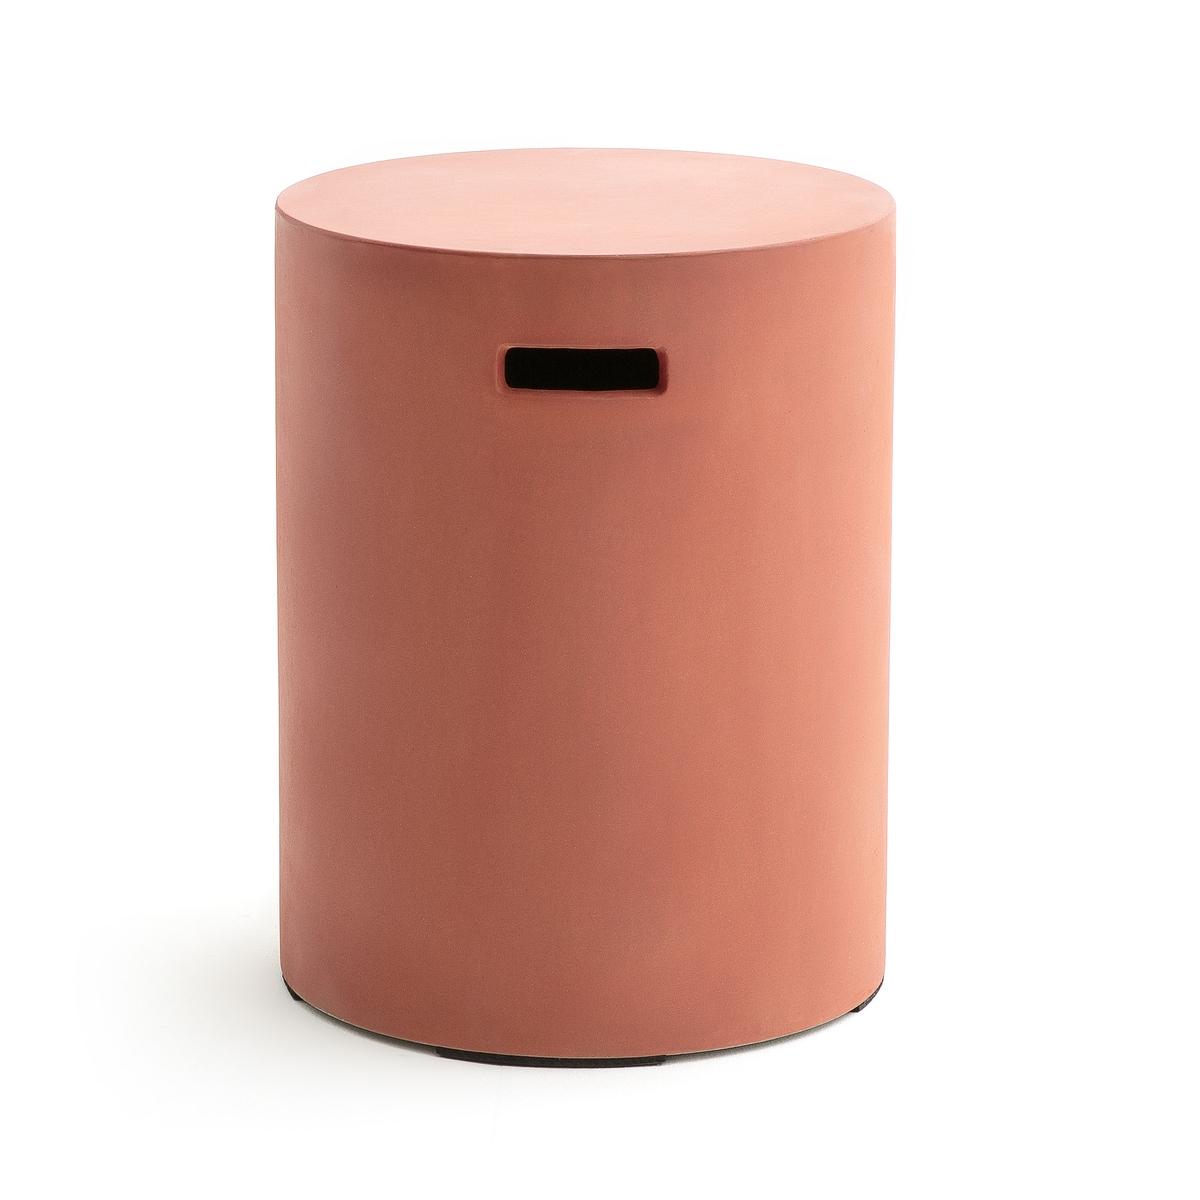 Столик журнальный TatumЖурнальный столик Tatum. Журнальный столик цилиндрической формы с ручками, который легко переносить, необработанный материал, который не боится воздействия погодных условий.Характеристики : - Из цементной ткани (неоднородная расцветка).Размер : - ?35 x 45 см .Размеры и вес упаковки :- Ш47 x В57 x 47 см, 14,5 см<br><br>Цвет: зеленый,темно-коричневый